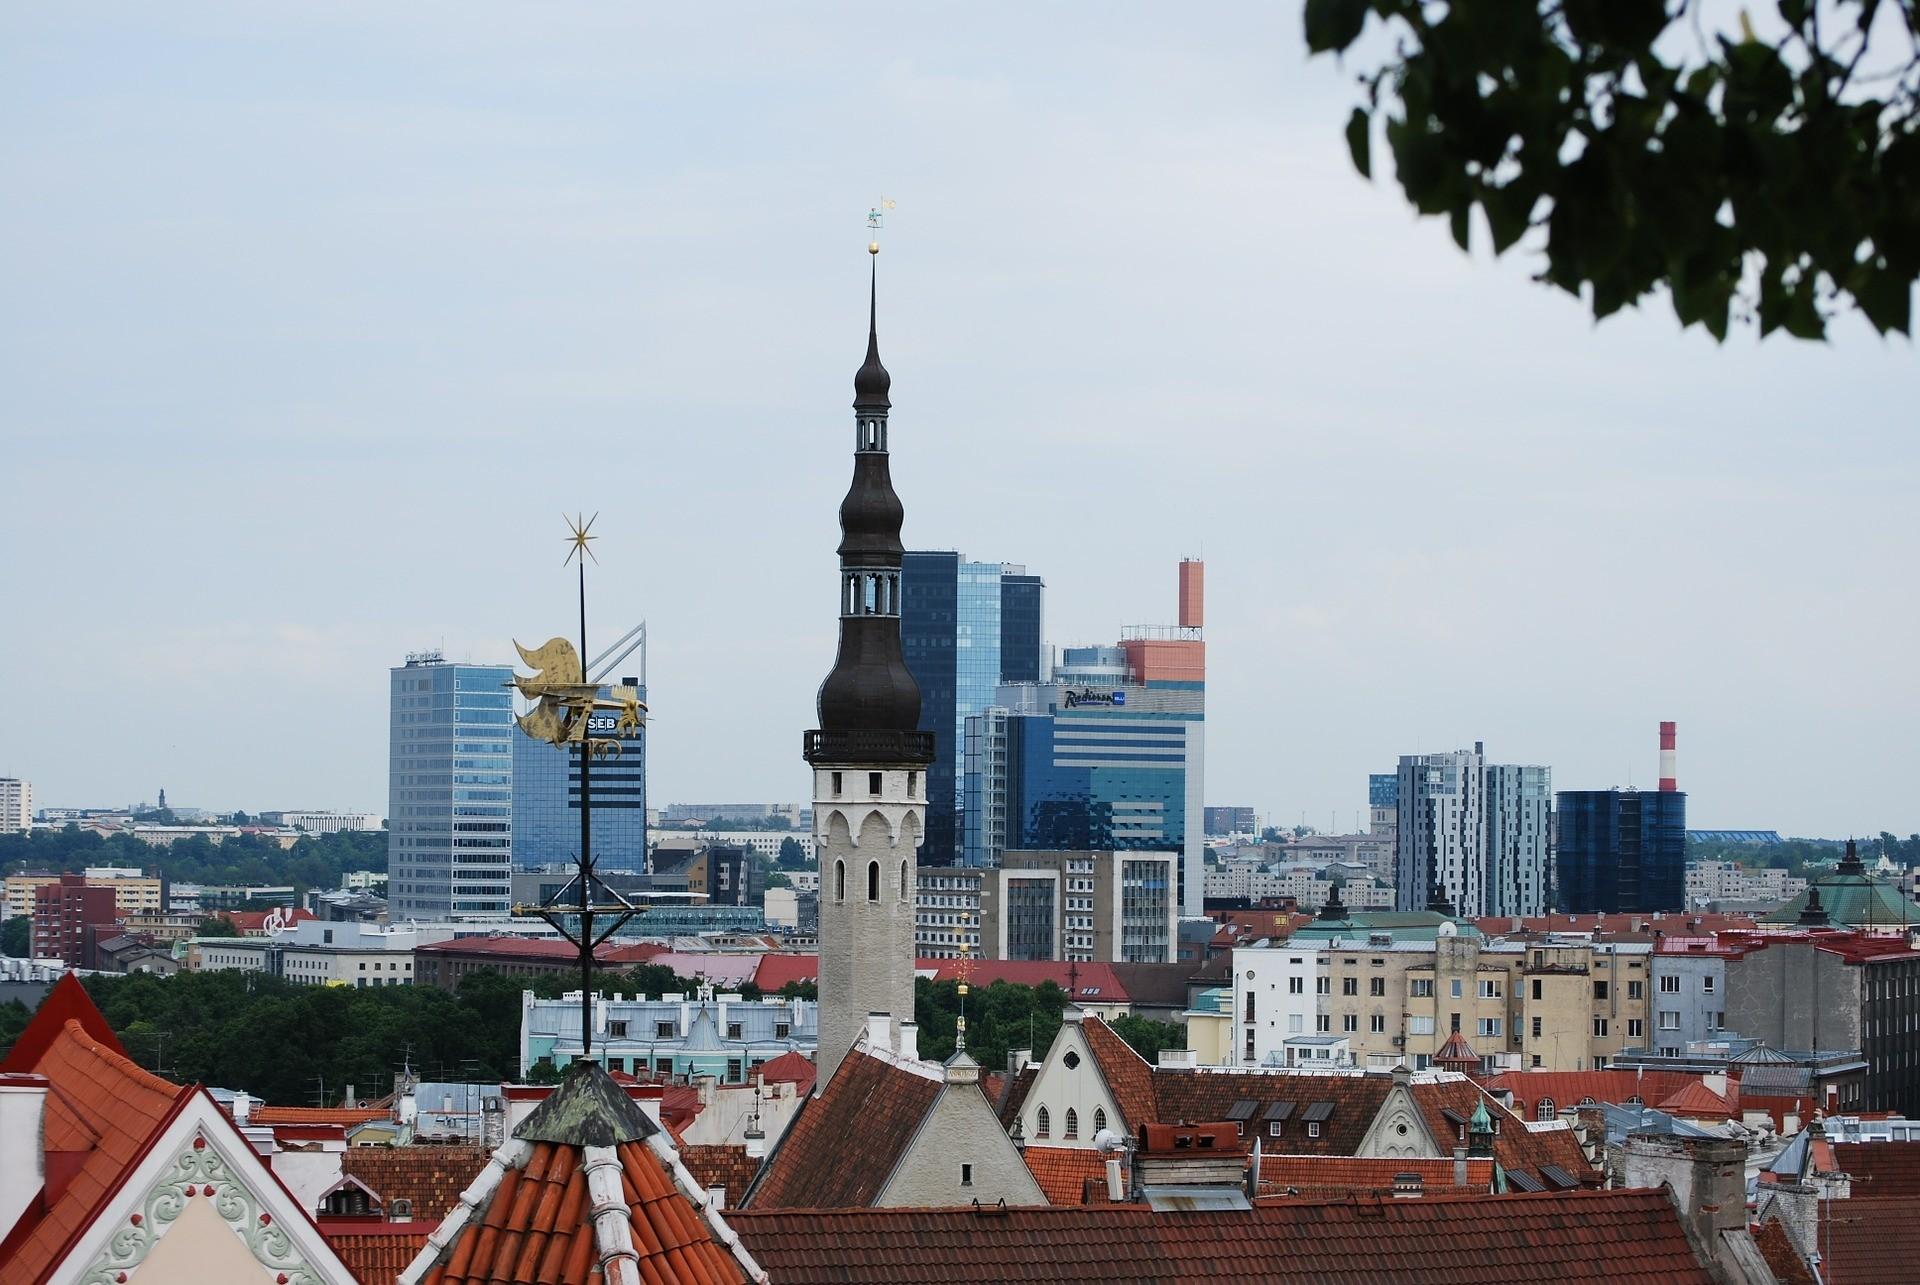 Tallinn city and houses